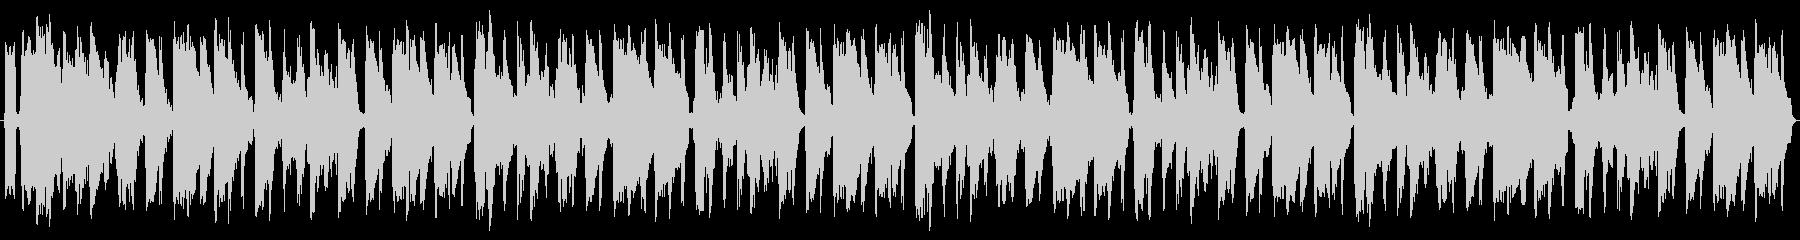 フォナーベッドの未再生の波形